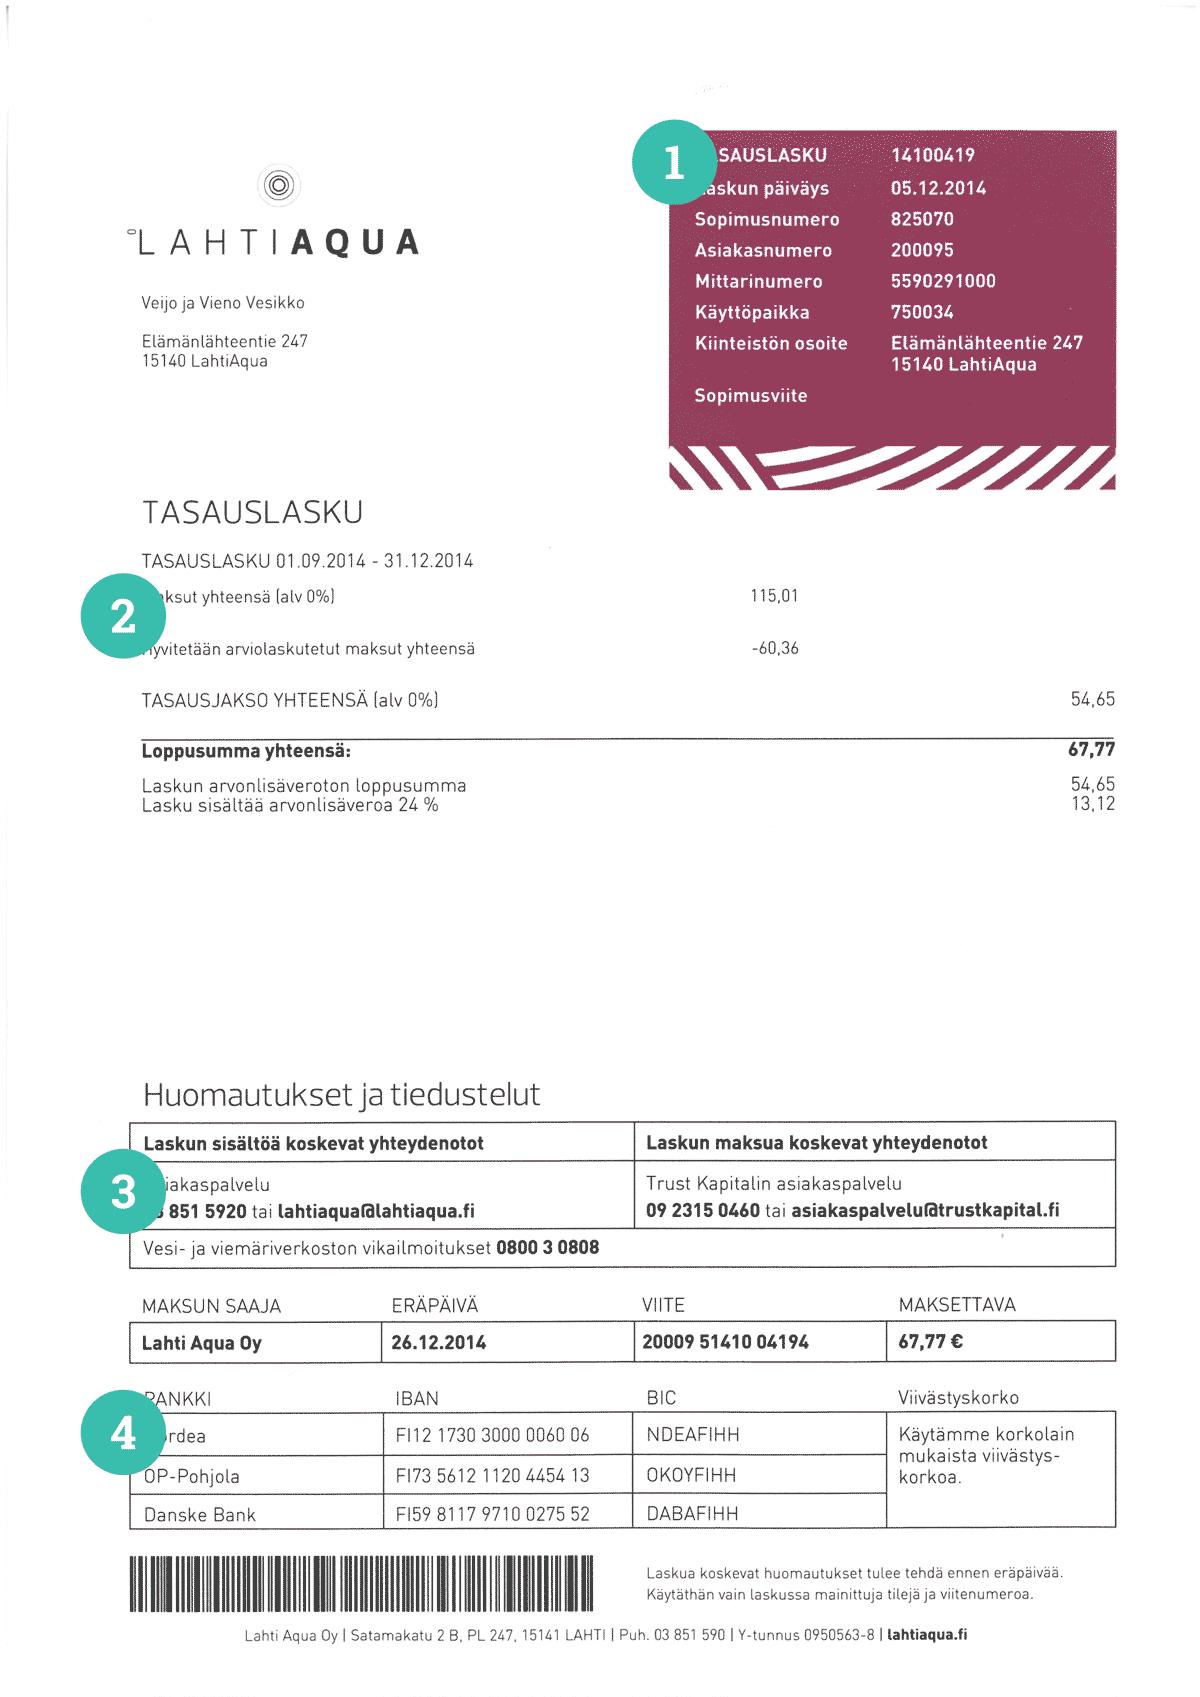 Mallilasku sivu 1